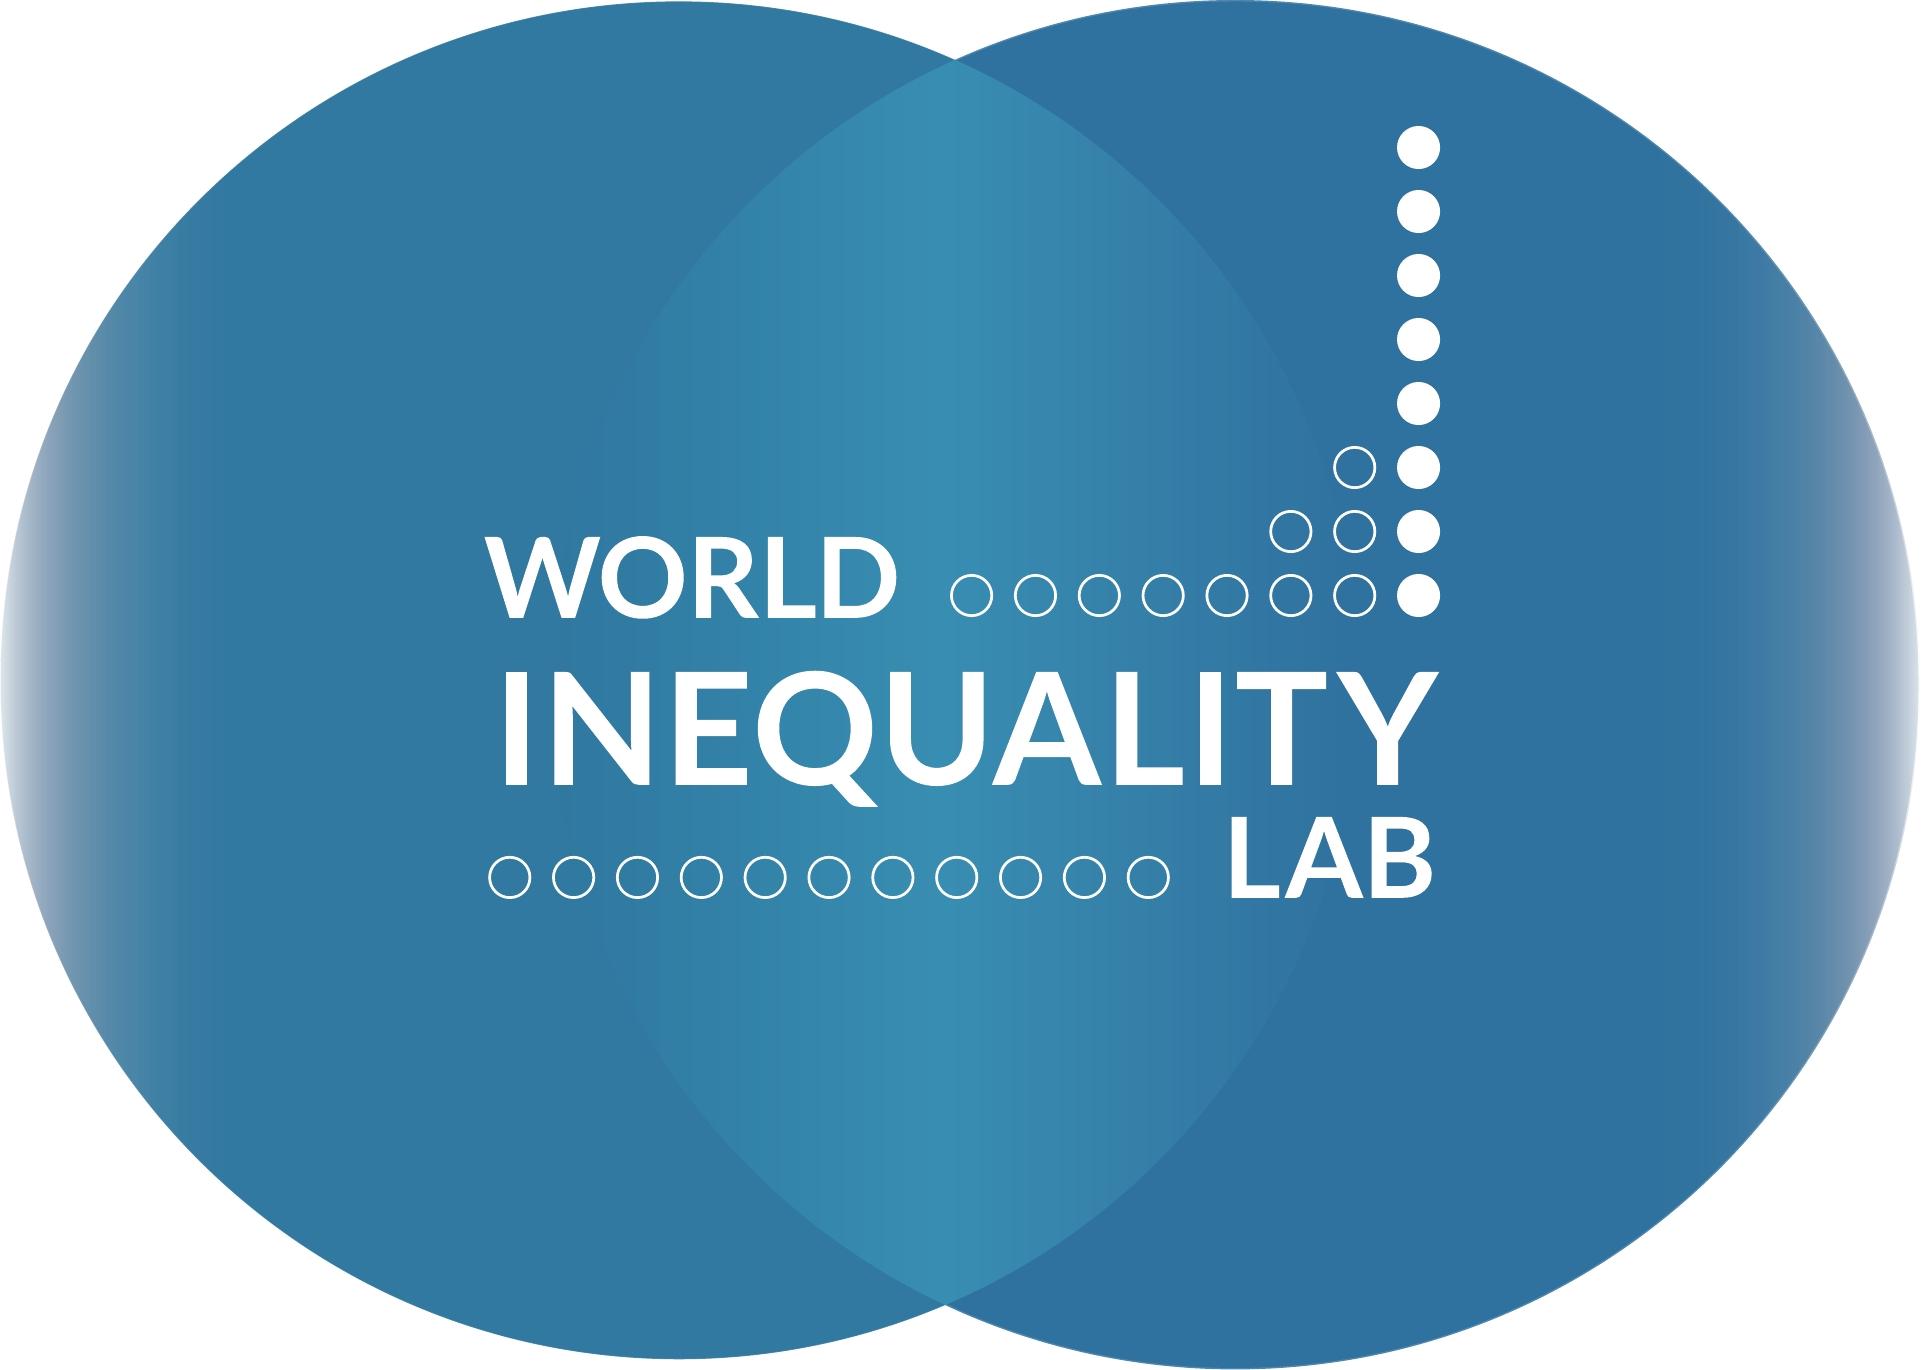 World Inequality Lab - WID - World Inequality Database